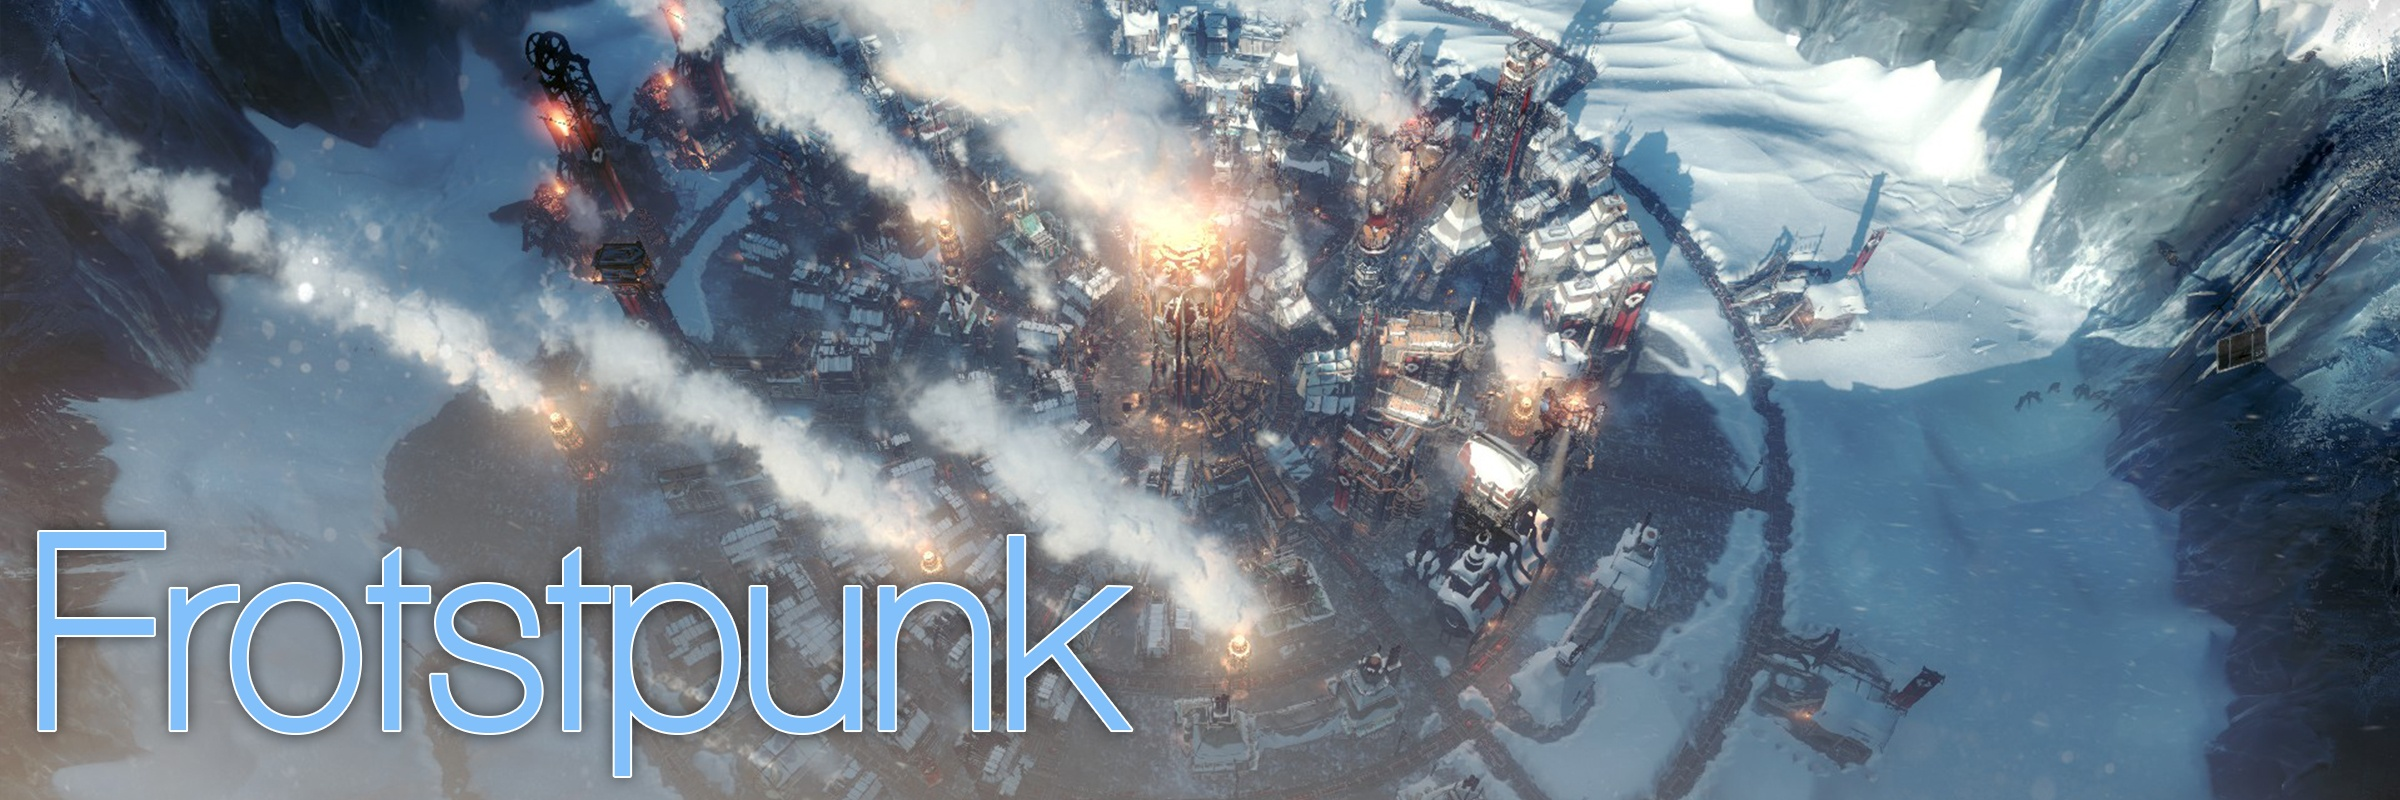 """Frostpunk; Siedlung im Hintergrund; """"Frostpunk"""" steht im Vordergrund geschrieben"""